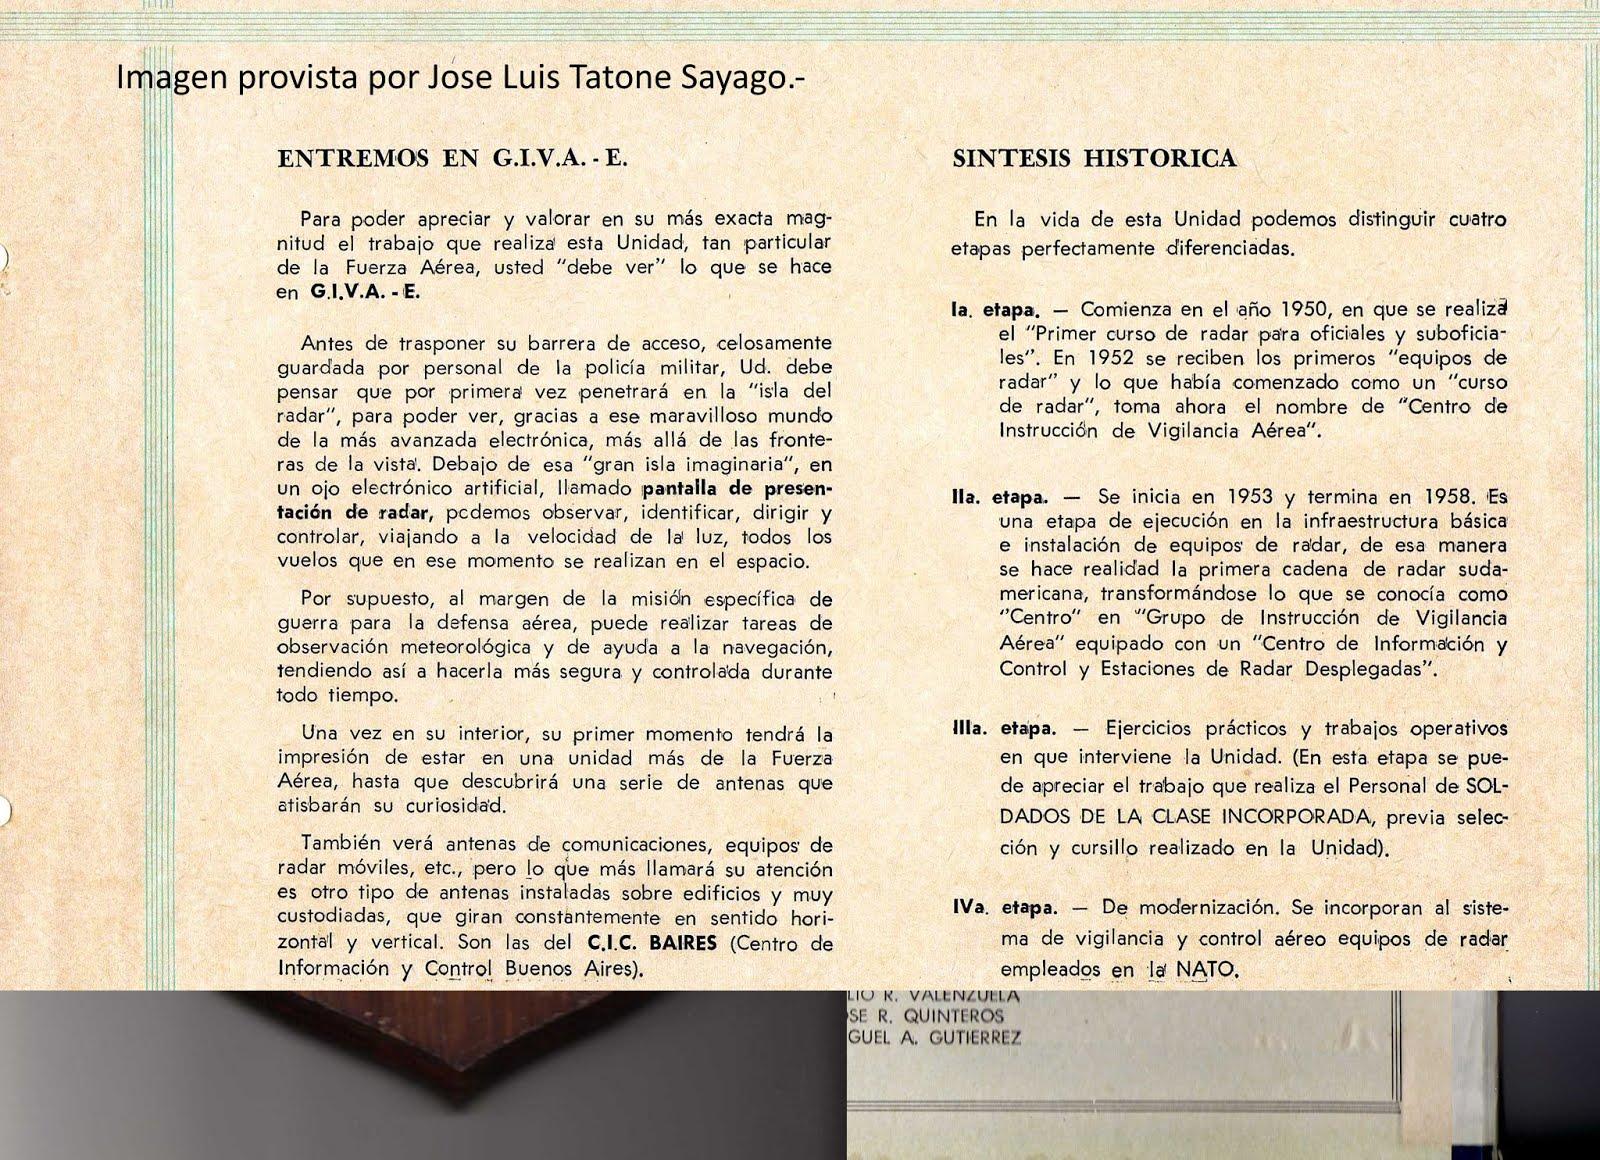 Imagen enviada por José Luis Tatone Sayago